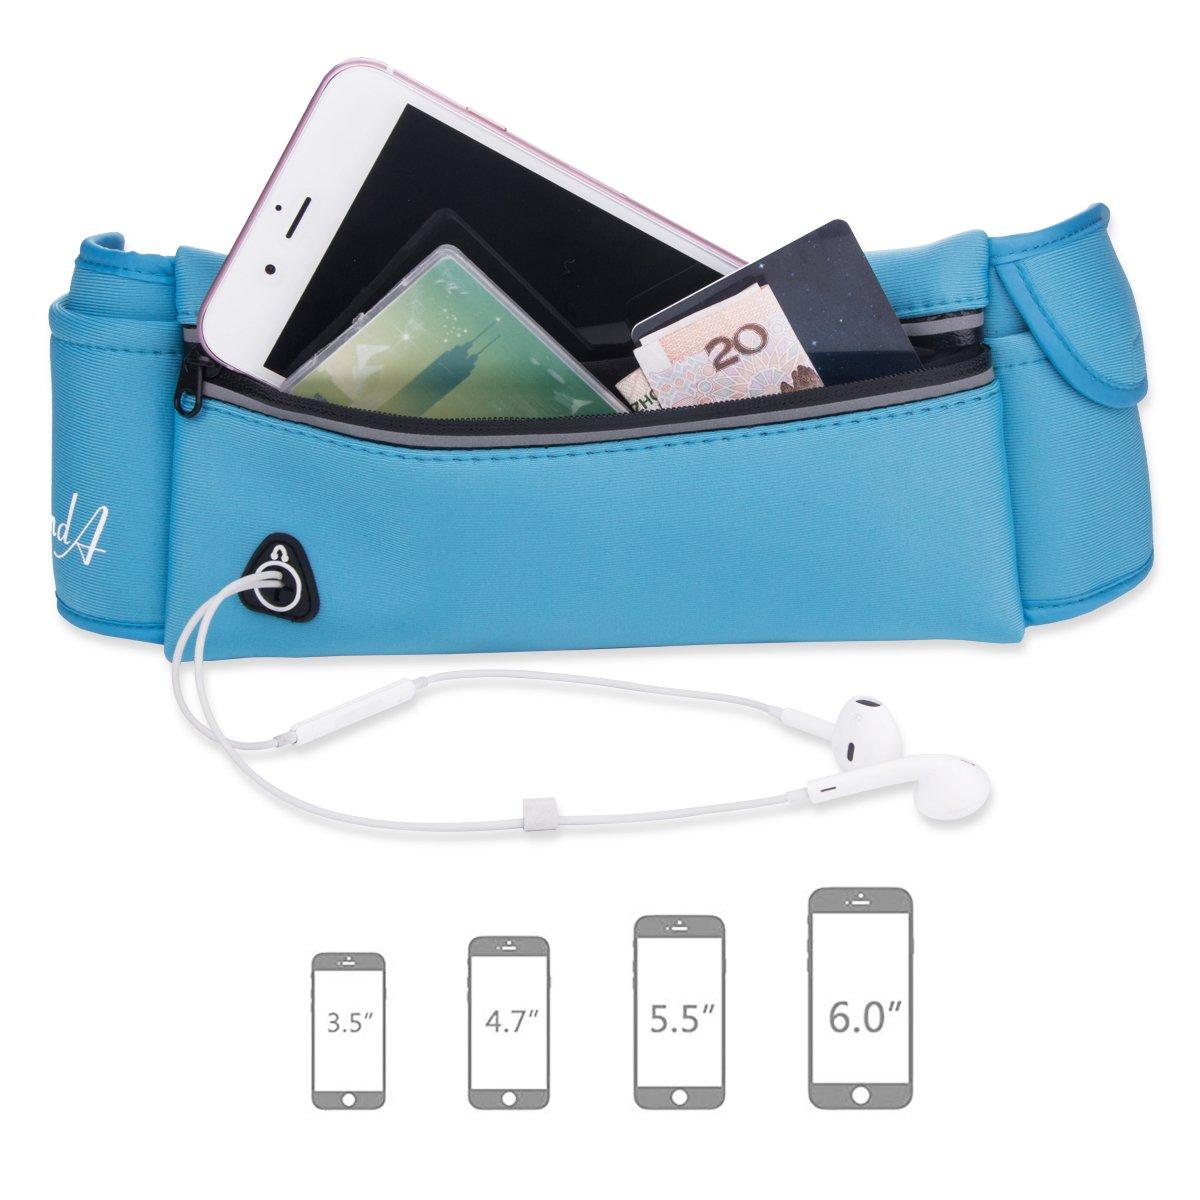 RundA Riñonera para correr, resistente al agua, cinturón, cintura, ajustable, con auriculares, conector para teléfonos iPhone, Android, Windows, azul